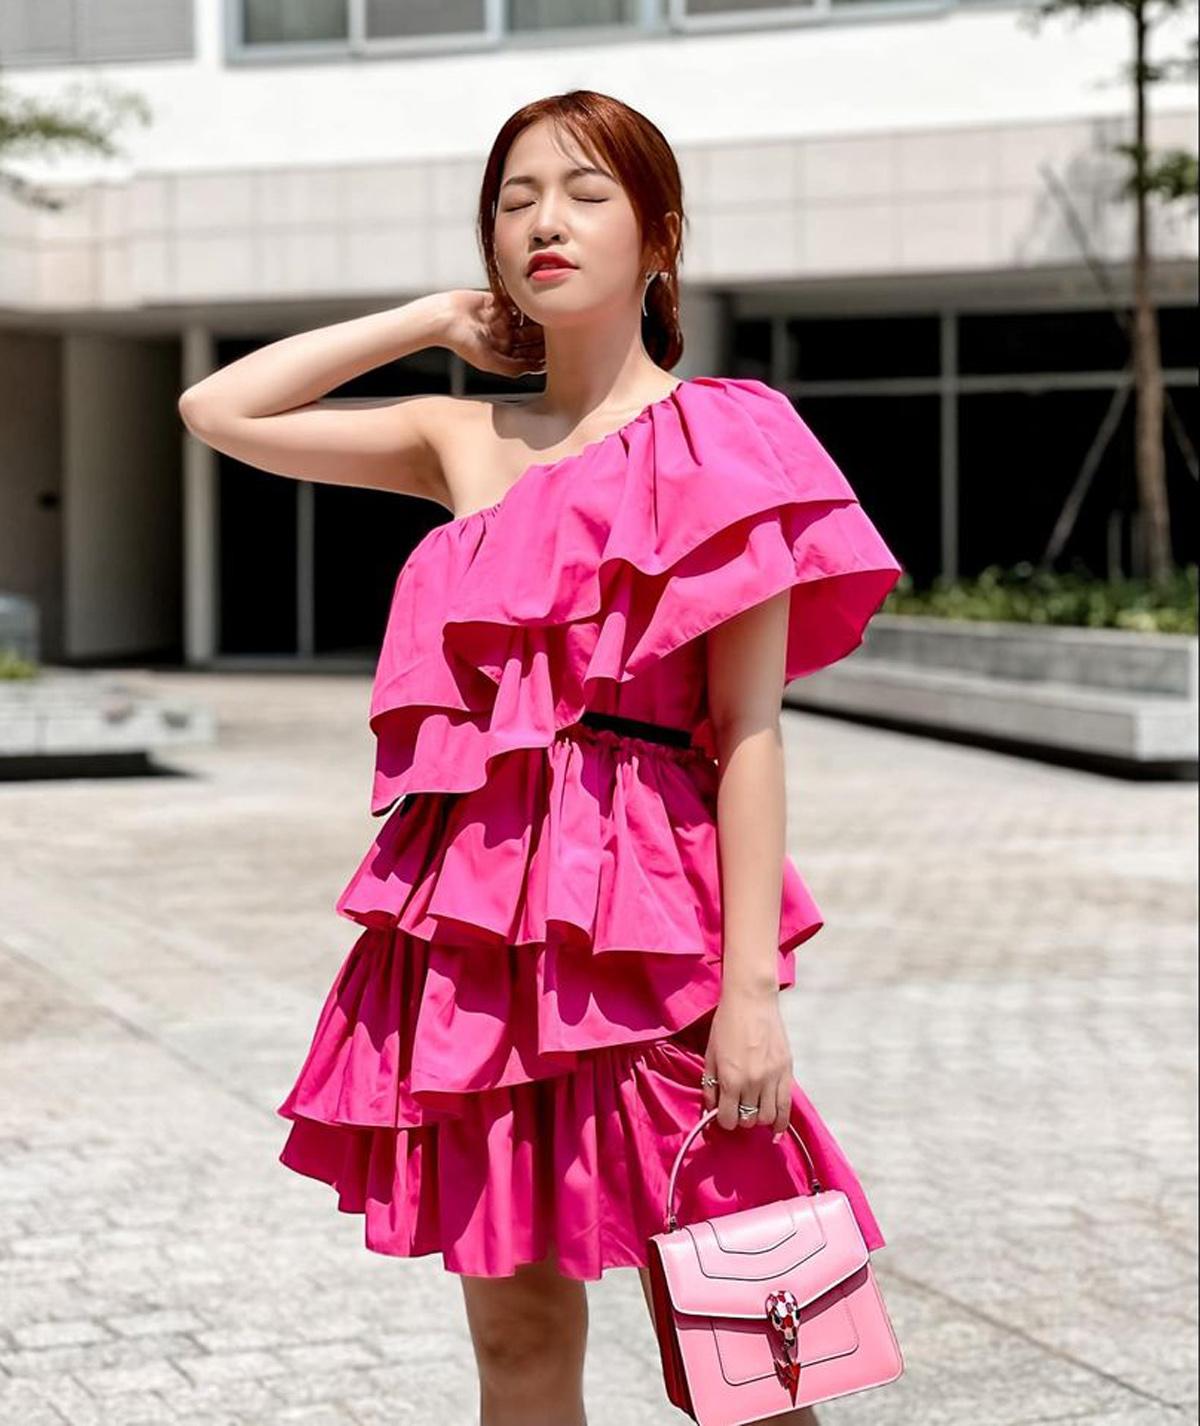 Puka rực rỡ trên phố với váy hồng neon mix túi xách màu ăn ý.